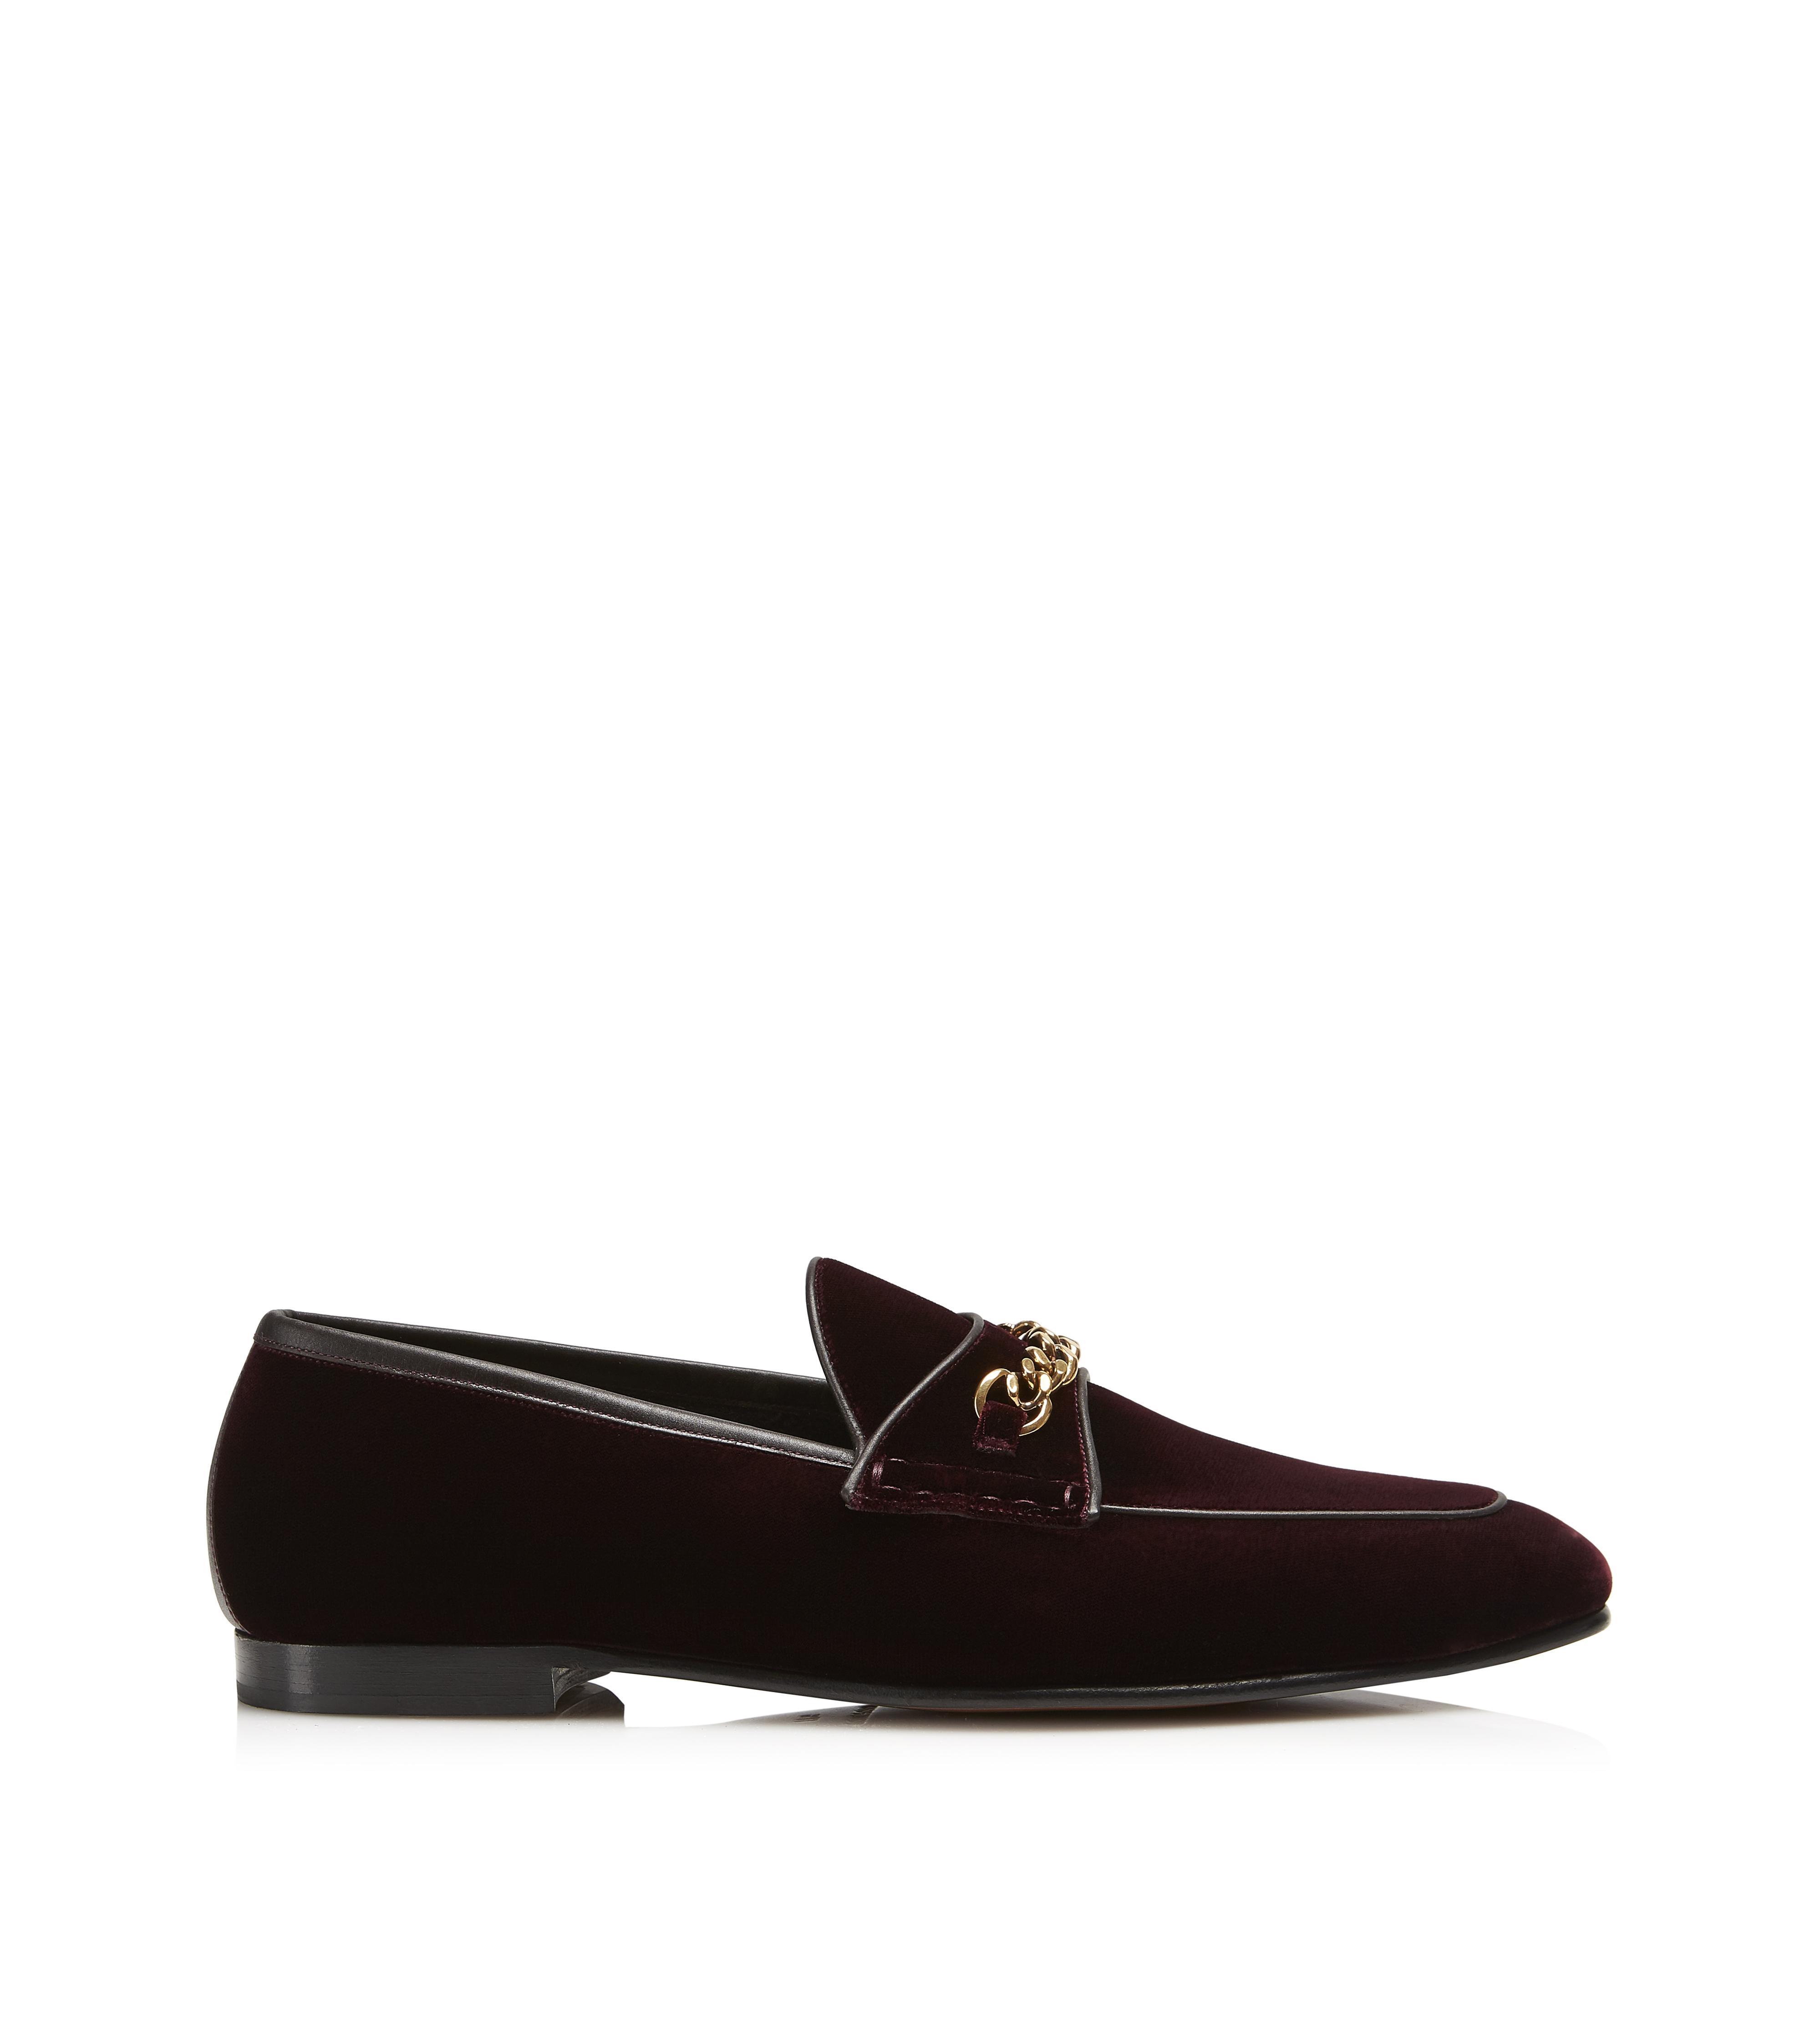 shoes men tomford com